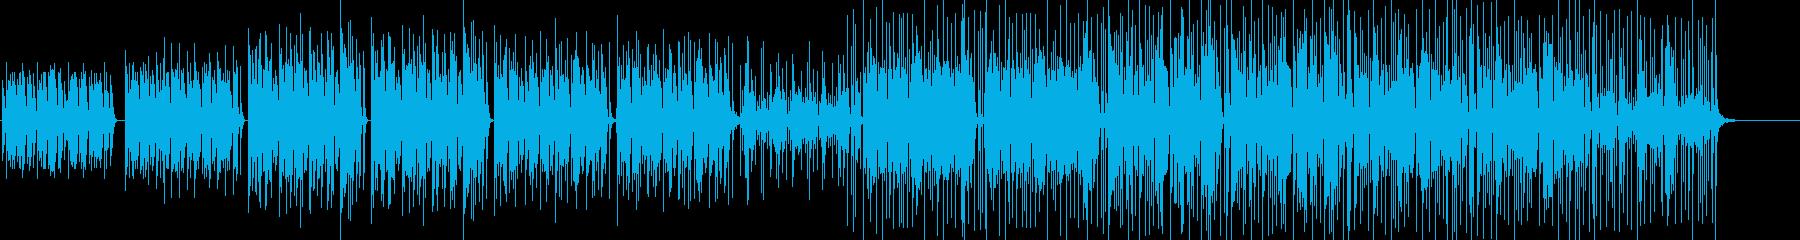 おうちでリズム遊び、手拍子、ピアノ、木琴の再生済みの波形